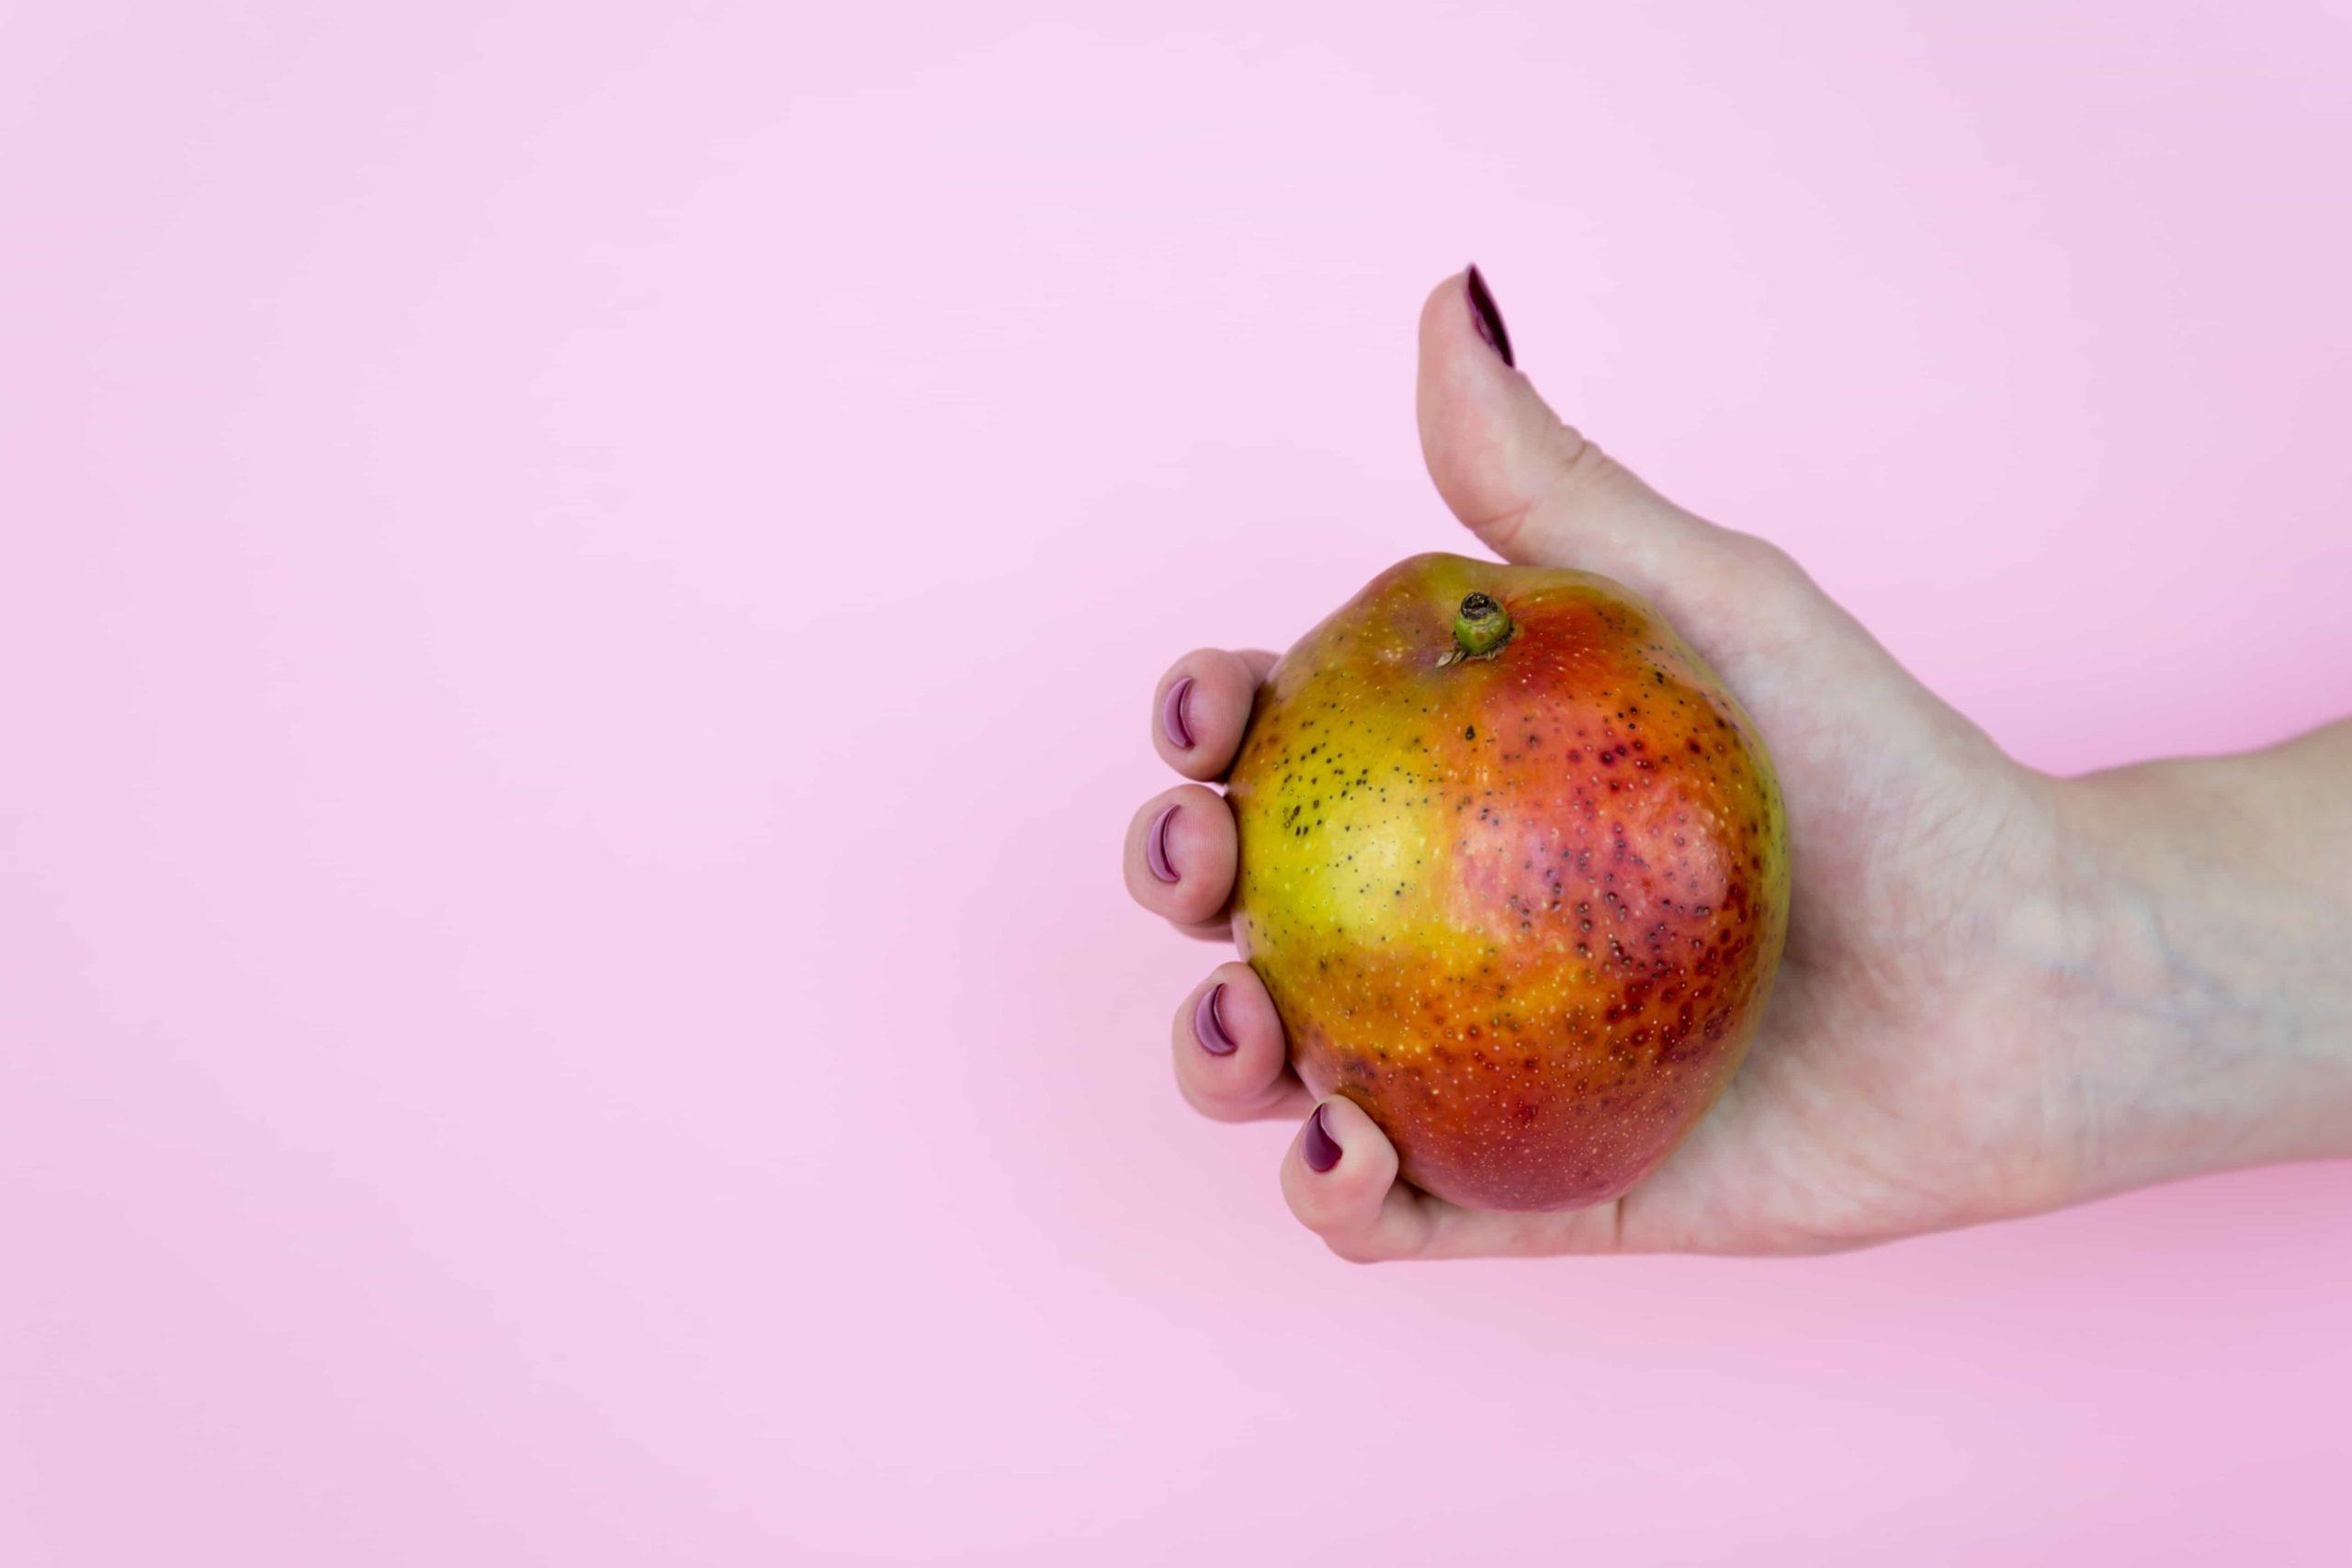 Маски из манго для лица и волос в домашних условиях